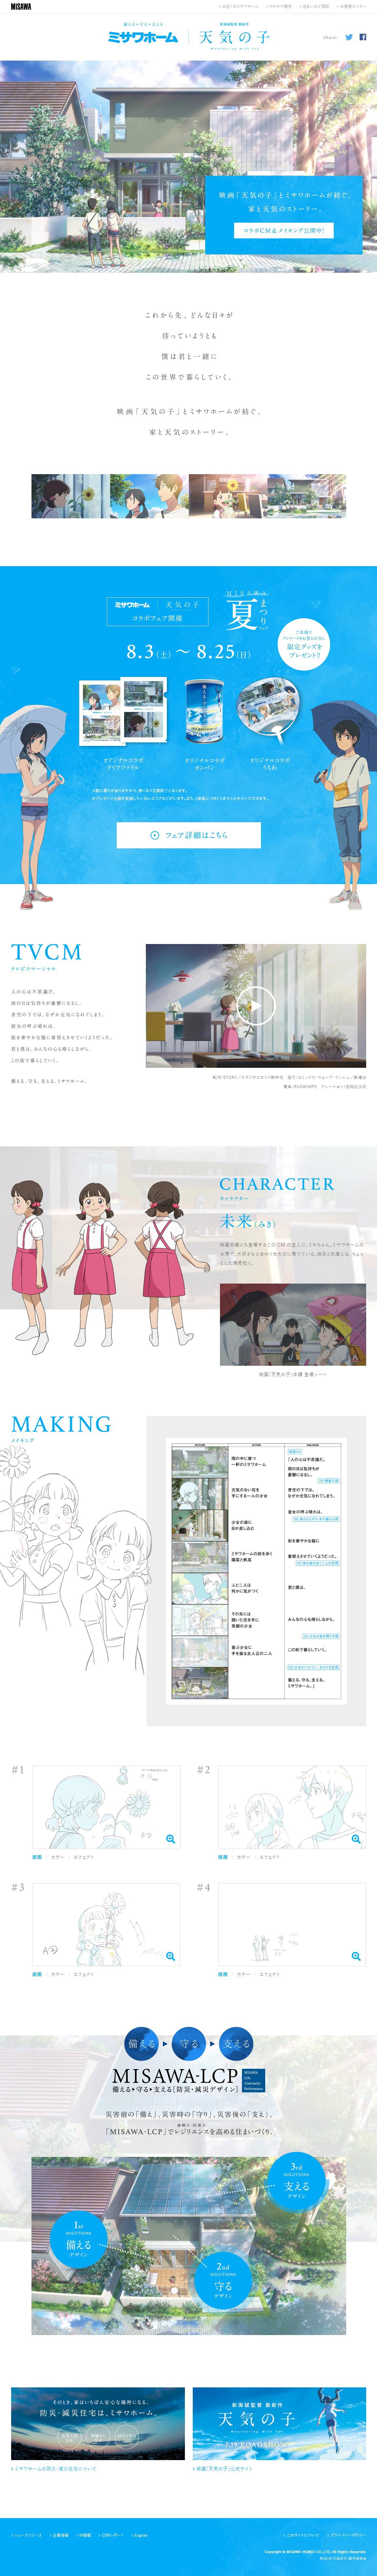 ミサワホーム 映画『天気の子』コラボフェア特設サイト